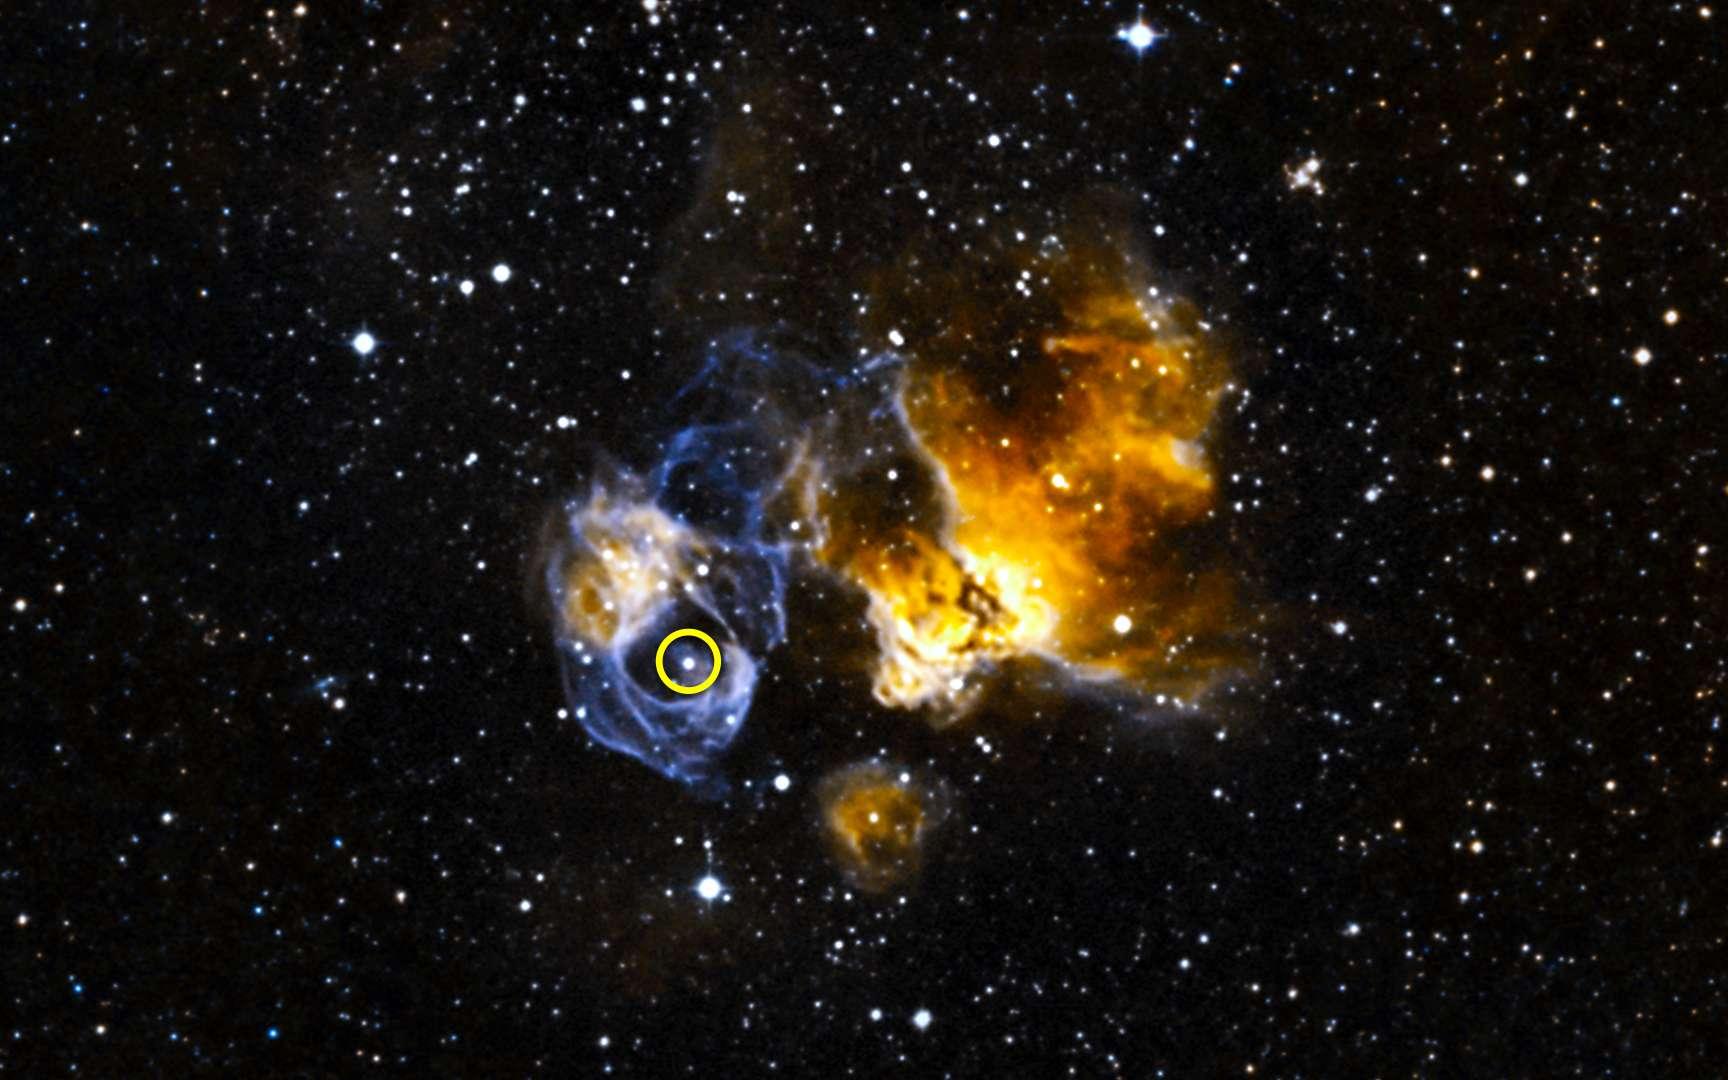 DEM L241 est un reste de supernova situé dans le Grand Nuage de Magellan. Le cercle sur cette image entoure l'étoile binaire LMC P3 qui s'est révélée être une puissante source de rayons gamma. © Nasa, Goddard Space Flight Center